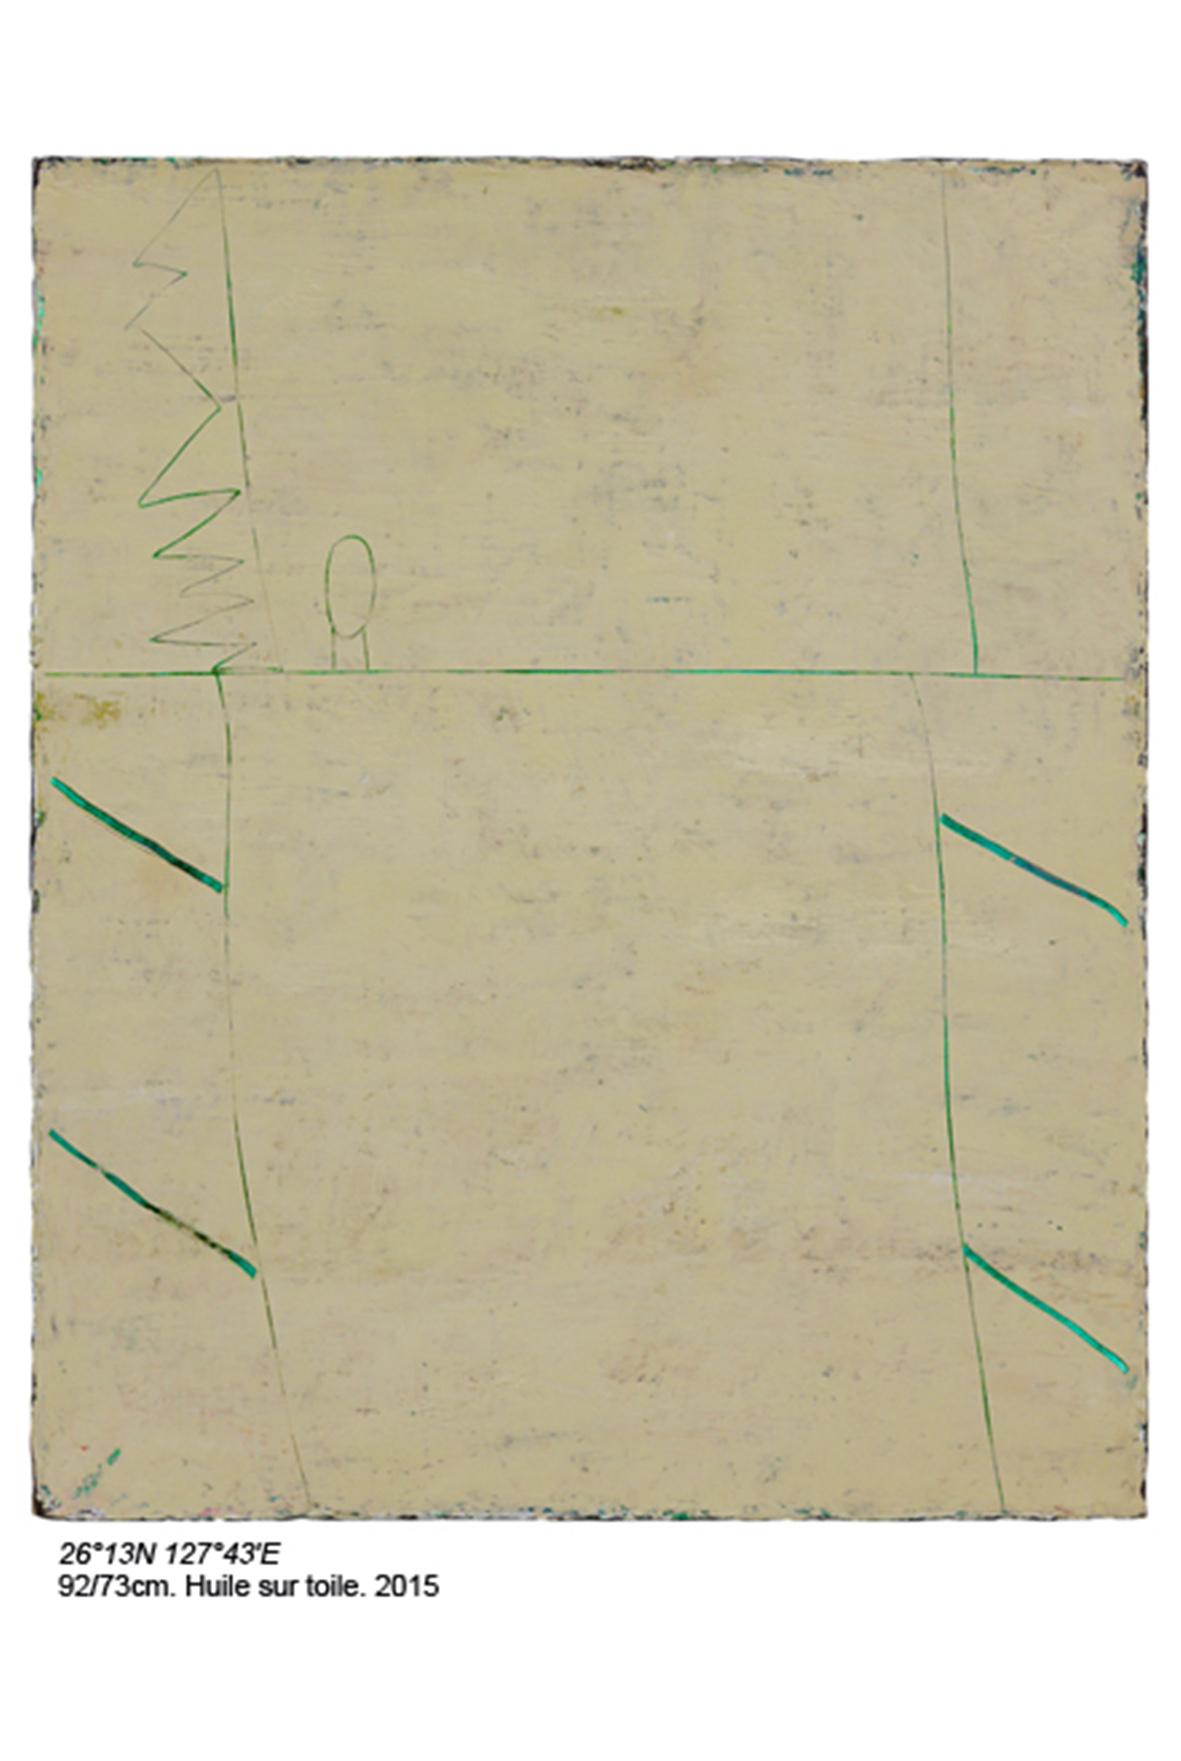 A Lyon, l'oeuvre d'Olivier Aubry, galerie d'art lyon, art contemporain lyon, galerie Lyon